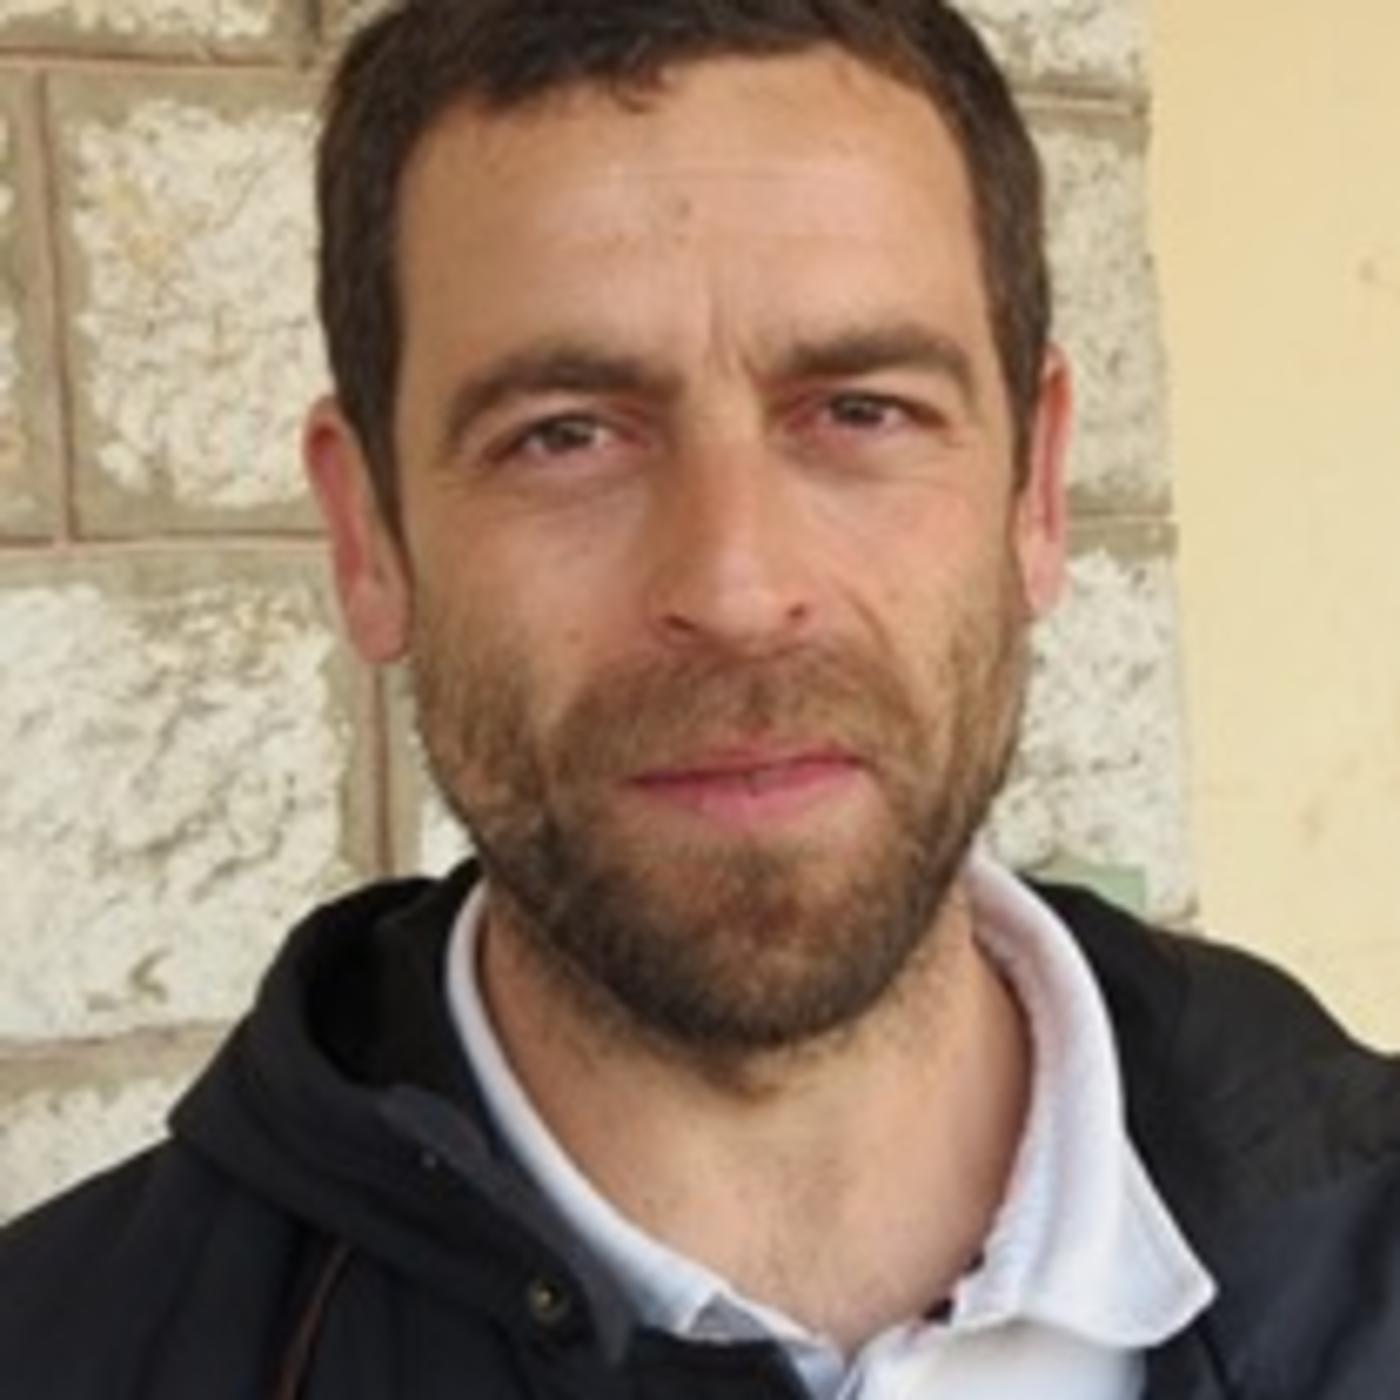 Entrevista de Olivier Pasquetti (OC)